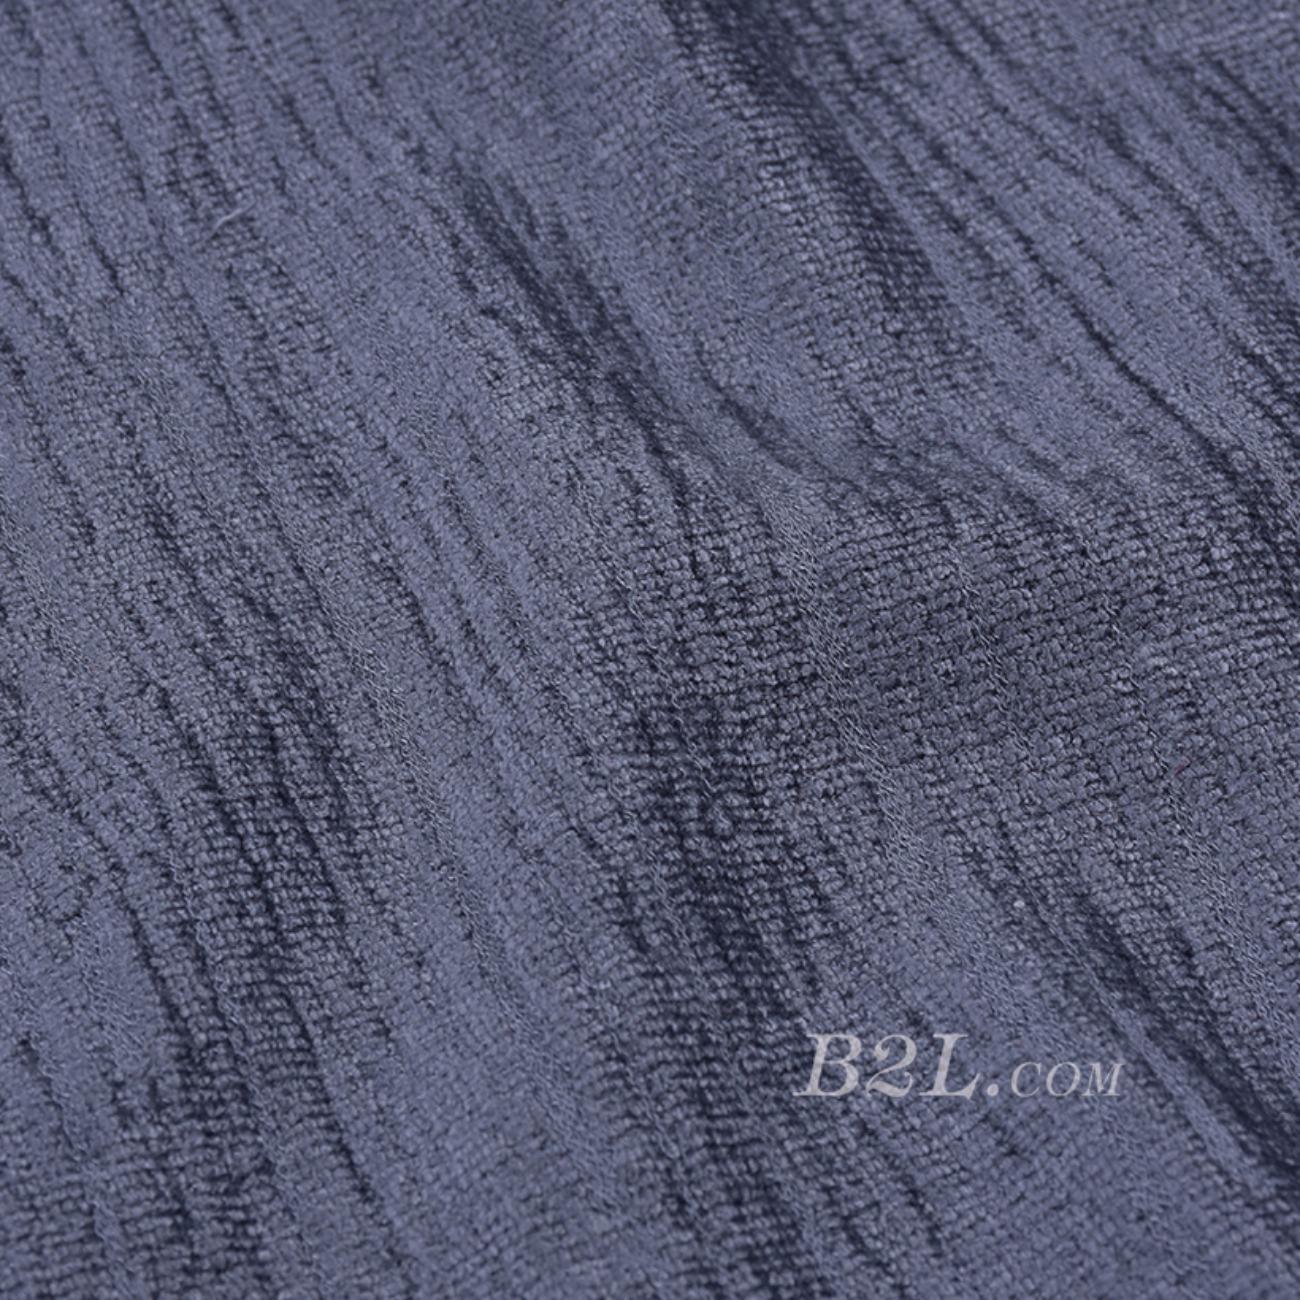 素色 针织 染色 弹力 针织衫 外套 连衣裙 春夏 女装 男装 80518-16